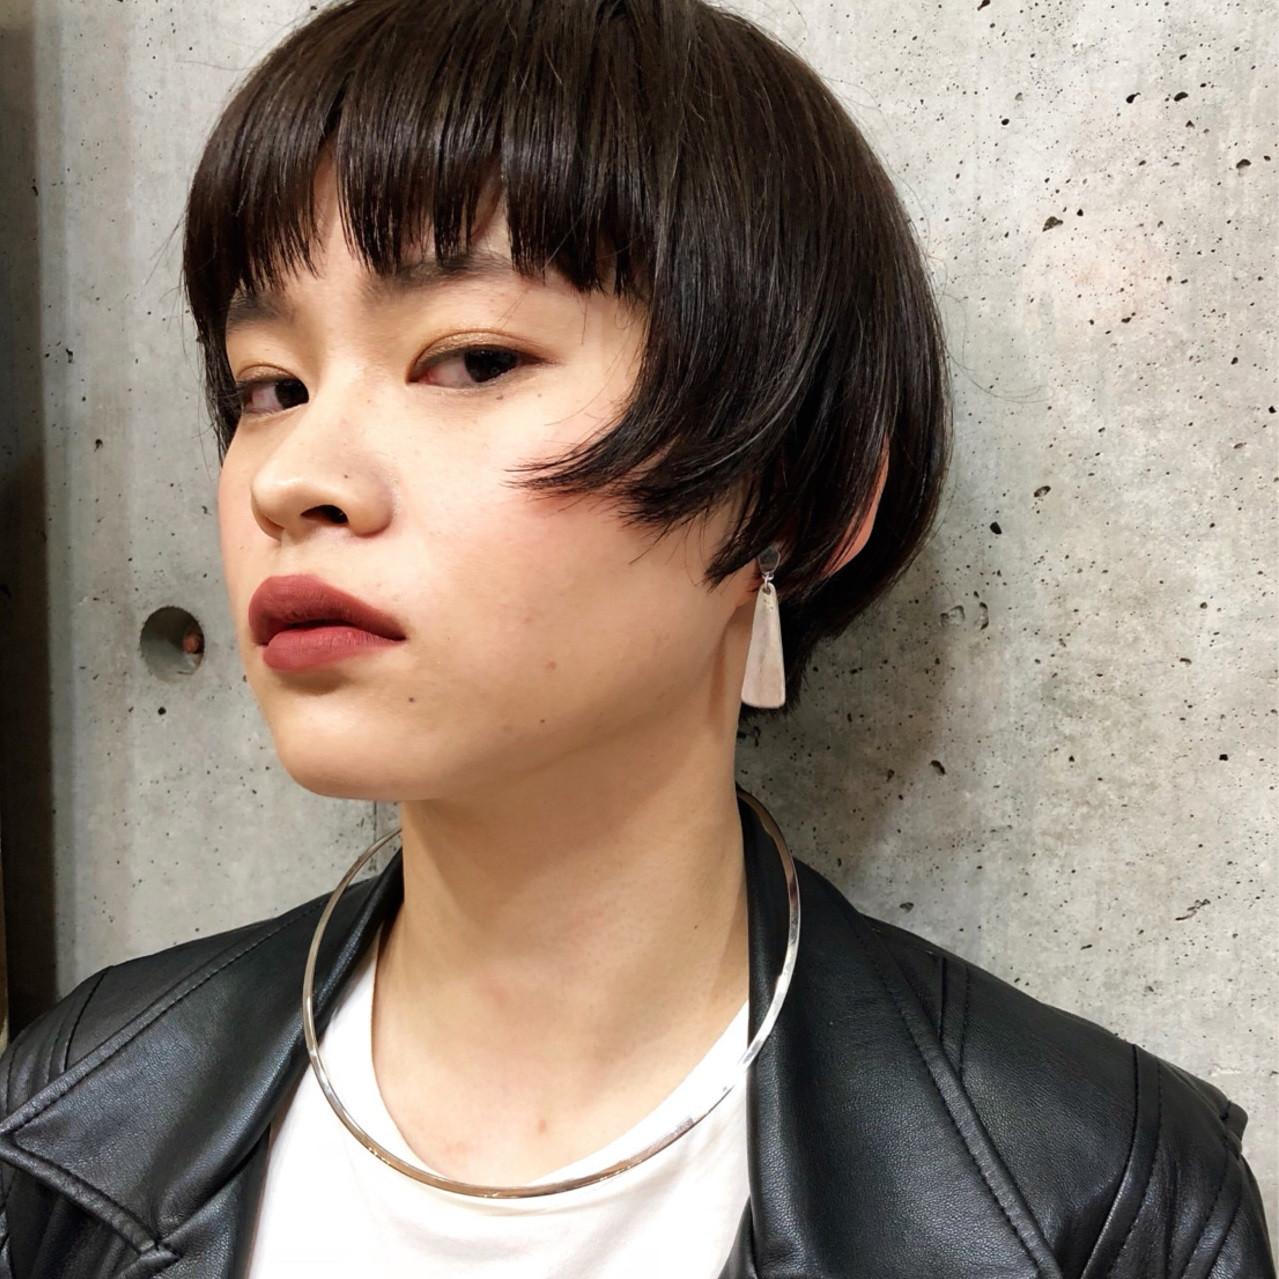 「黒髪マッシュヘア」で大人の色気を放出♡ボーイッシュだけど女性らしい!